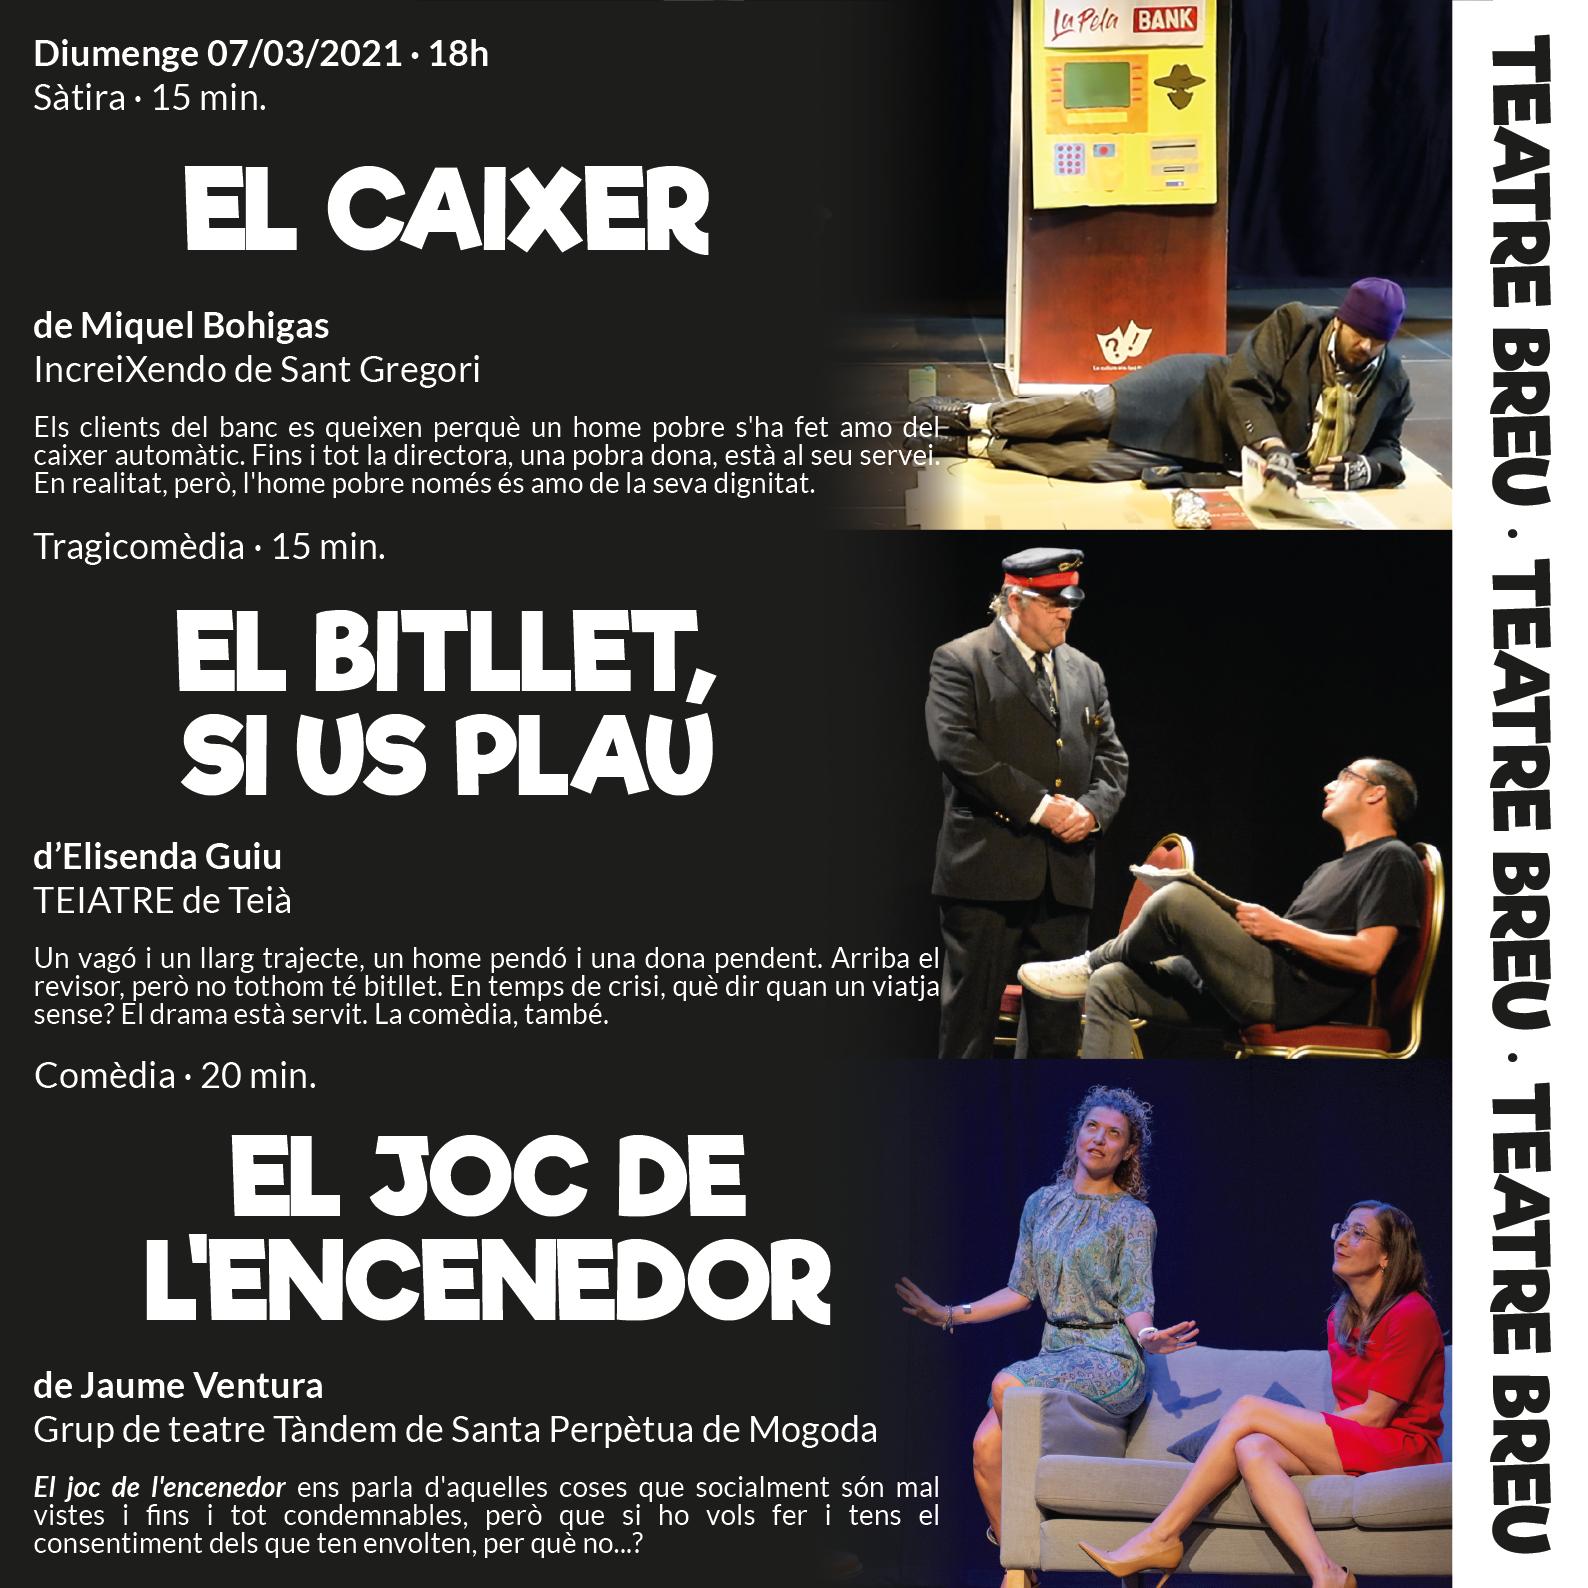 8. Teatre Breu